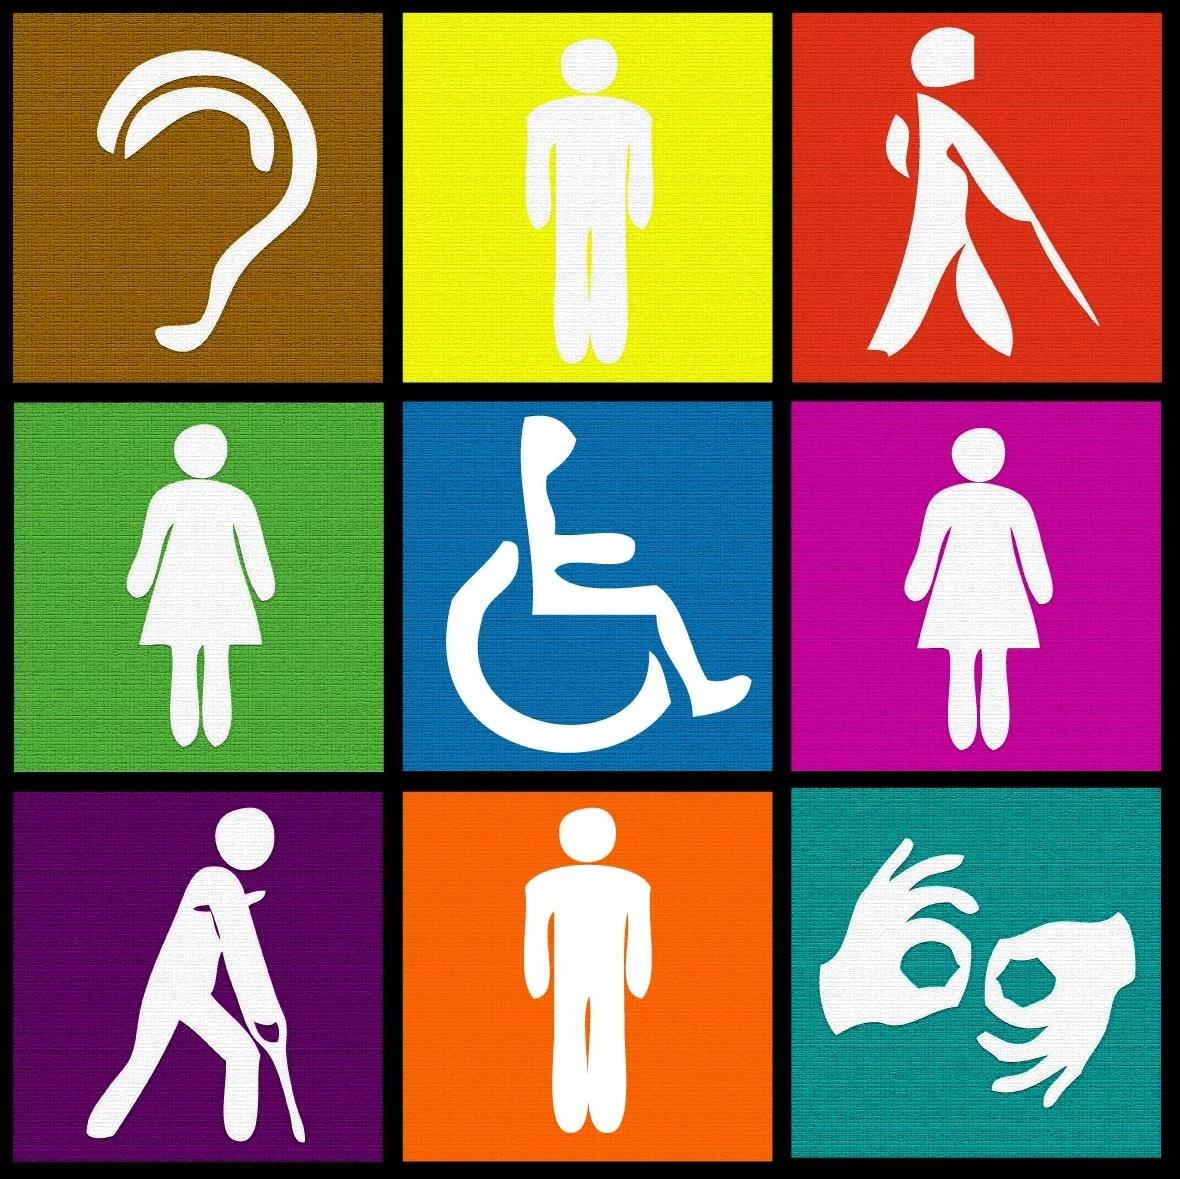 Regularización de las personas con discapacidad en Navarra.